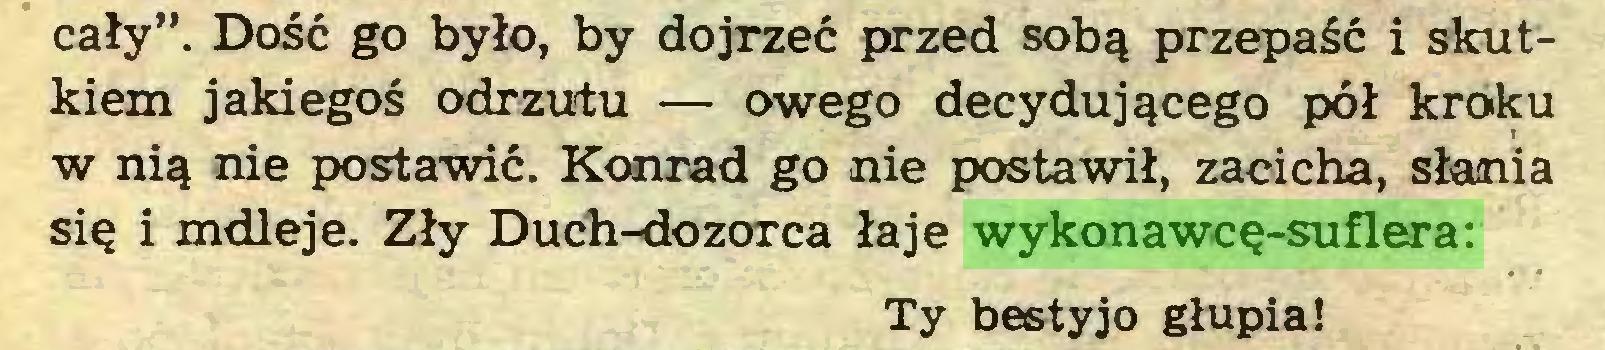 """(...) cały"""". Dość go było, by dojrzeć przed sobą przepaść i skutkiem jakiegoś odrzutu — owego decydującego pół kroku w nią nie postawić. Konrad go nie postawił, zacicha, słania się i mdleje. Zły Dućh-dozorca łaje wykonawcę-suflera: Ty bestyjo głupia!..."""